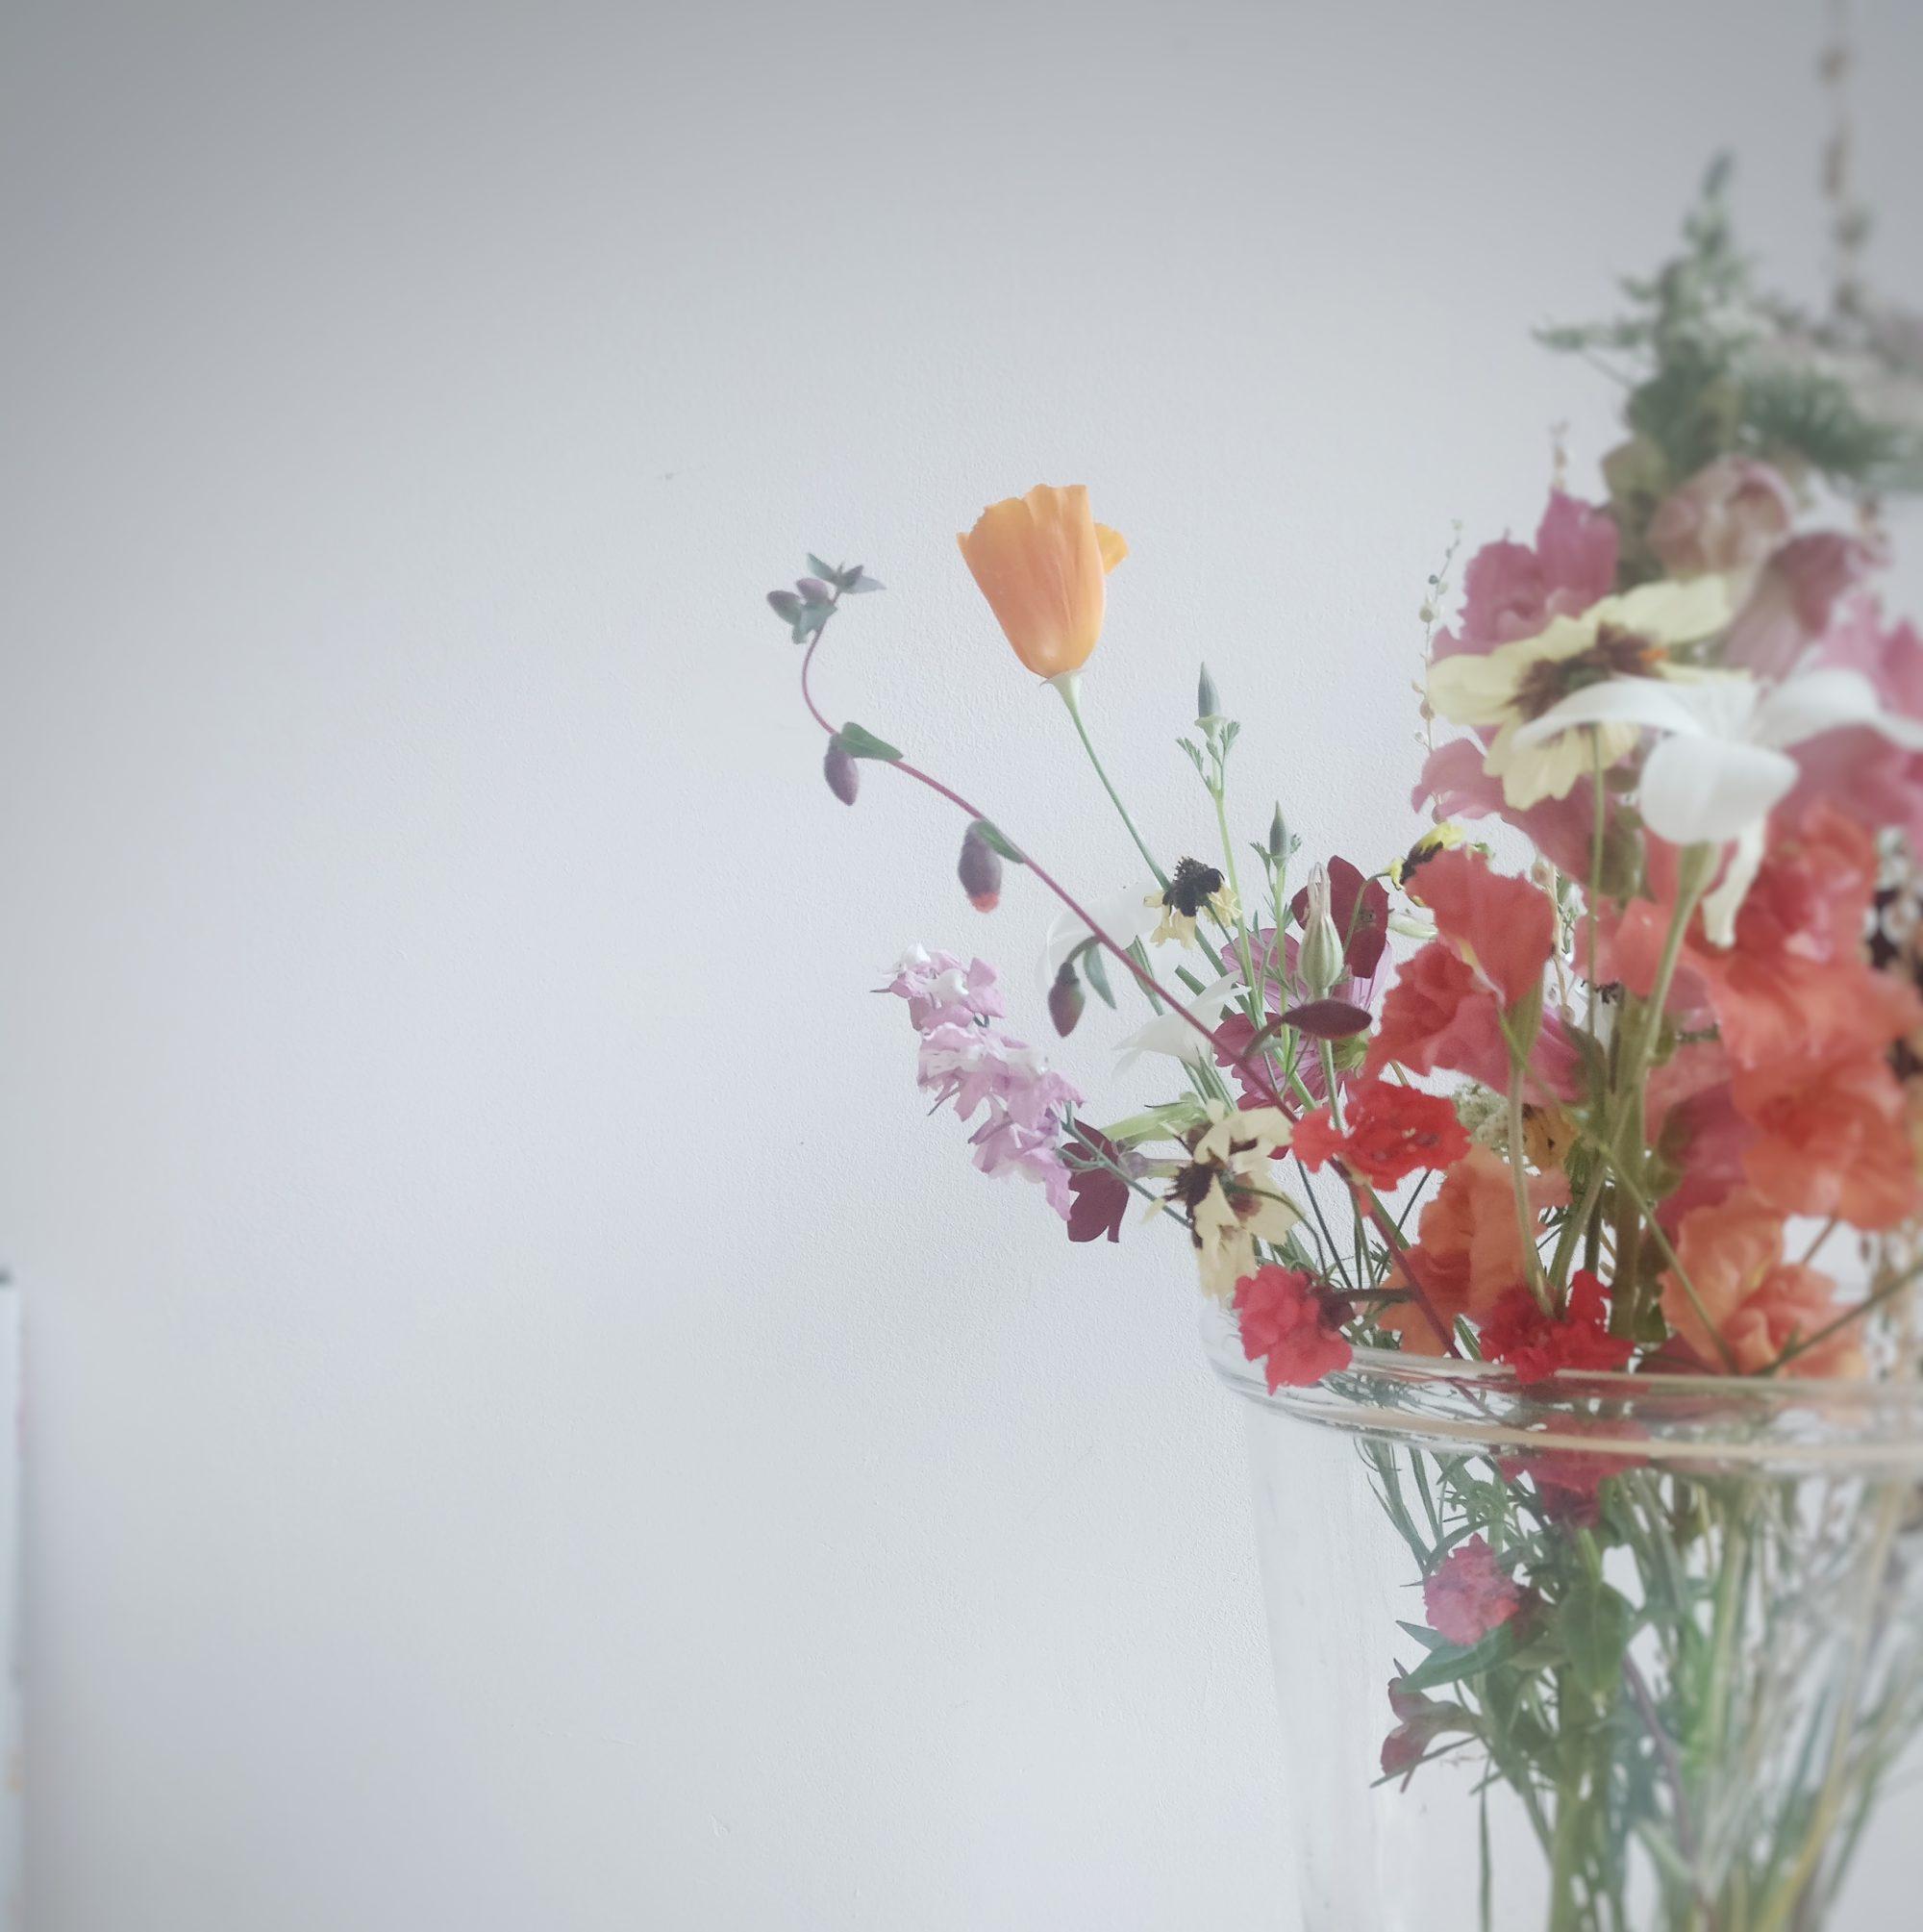 les fleurs sont encore plus belles quand elles sont joliment produites